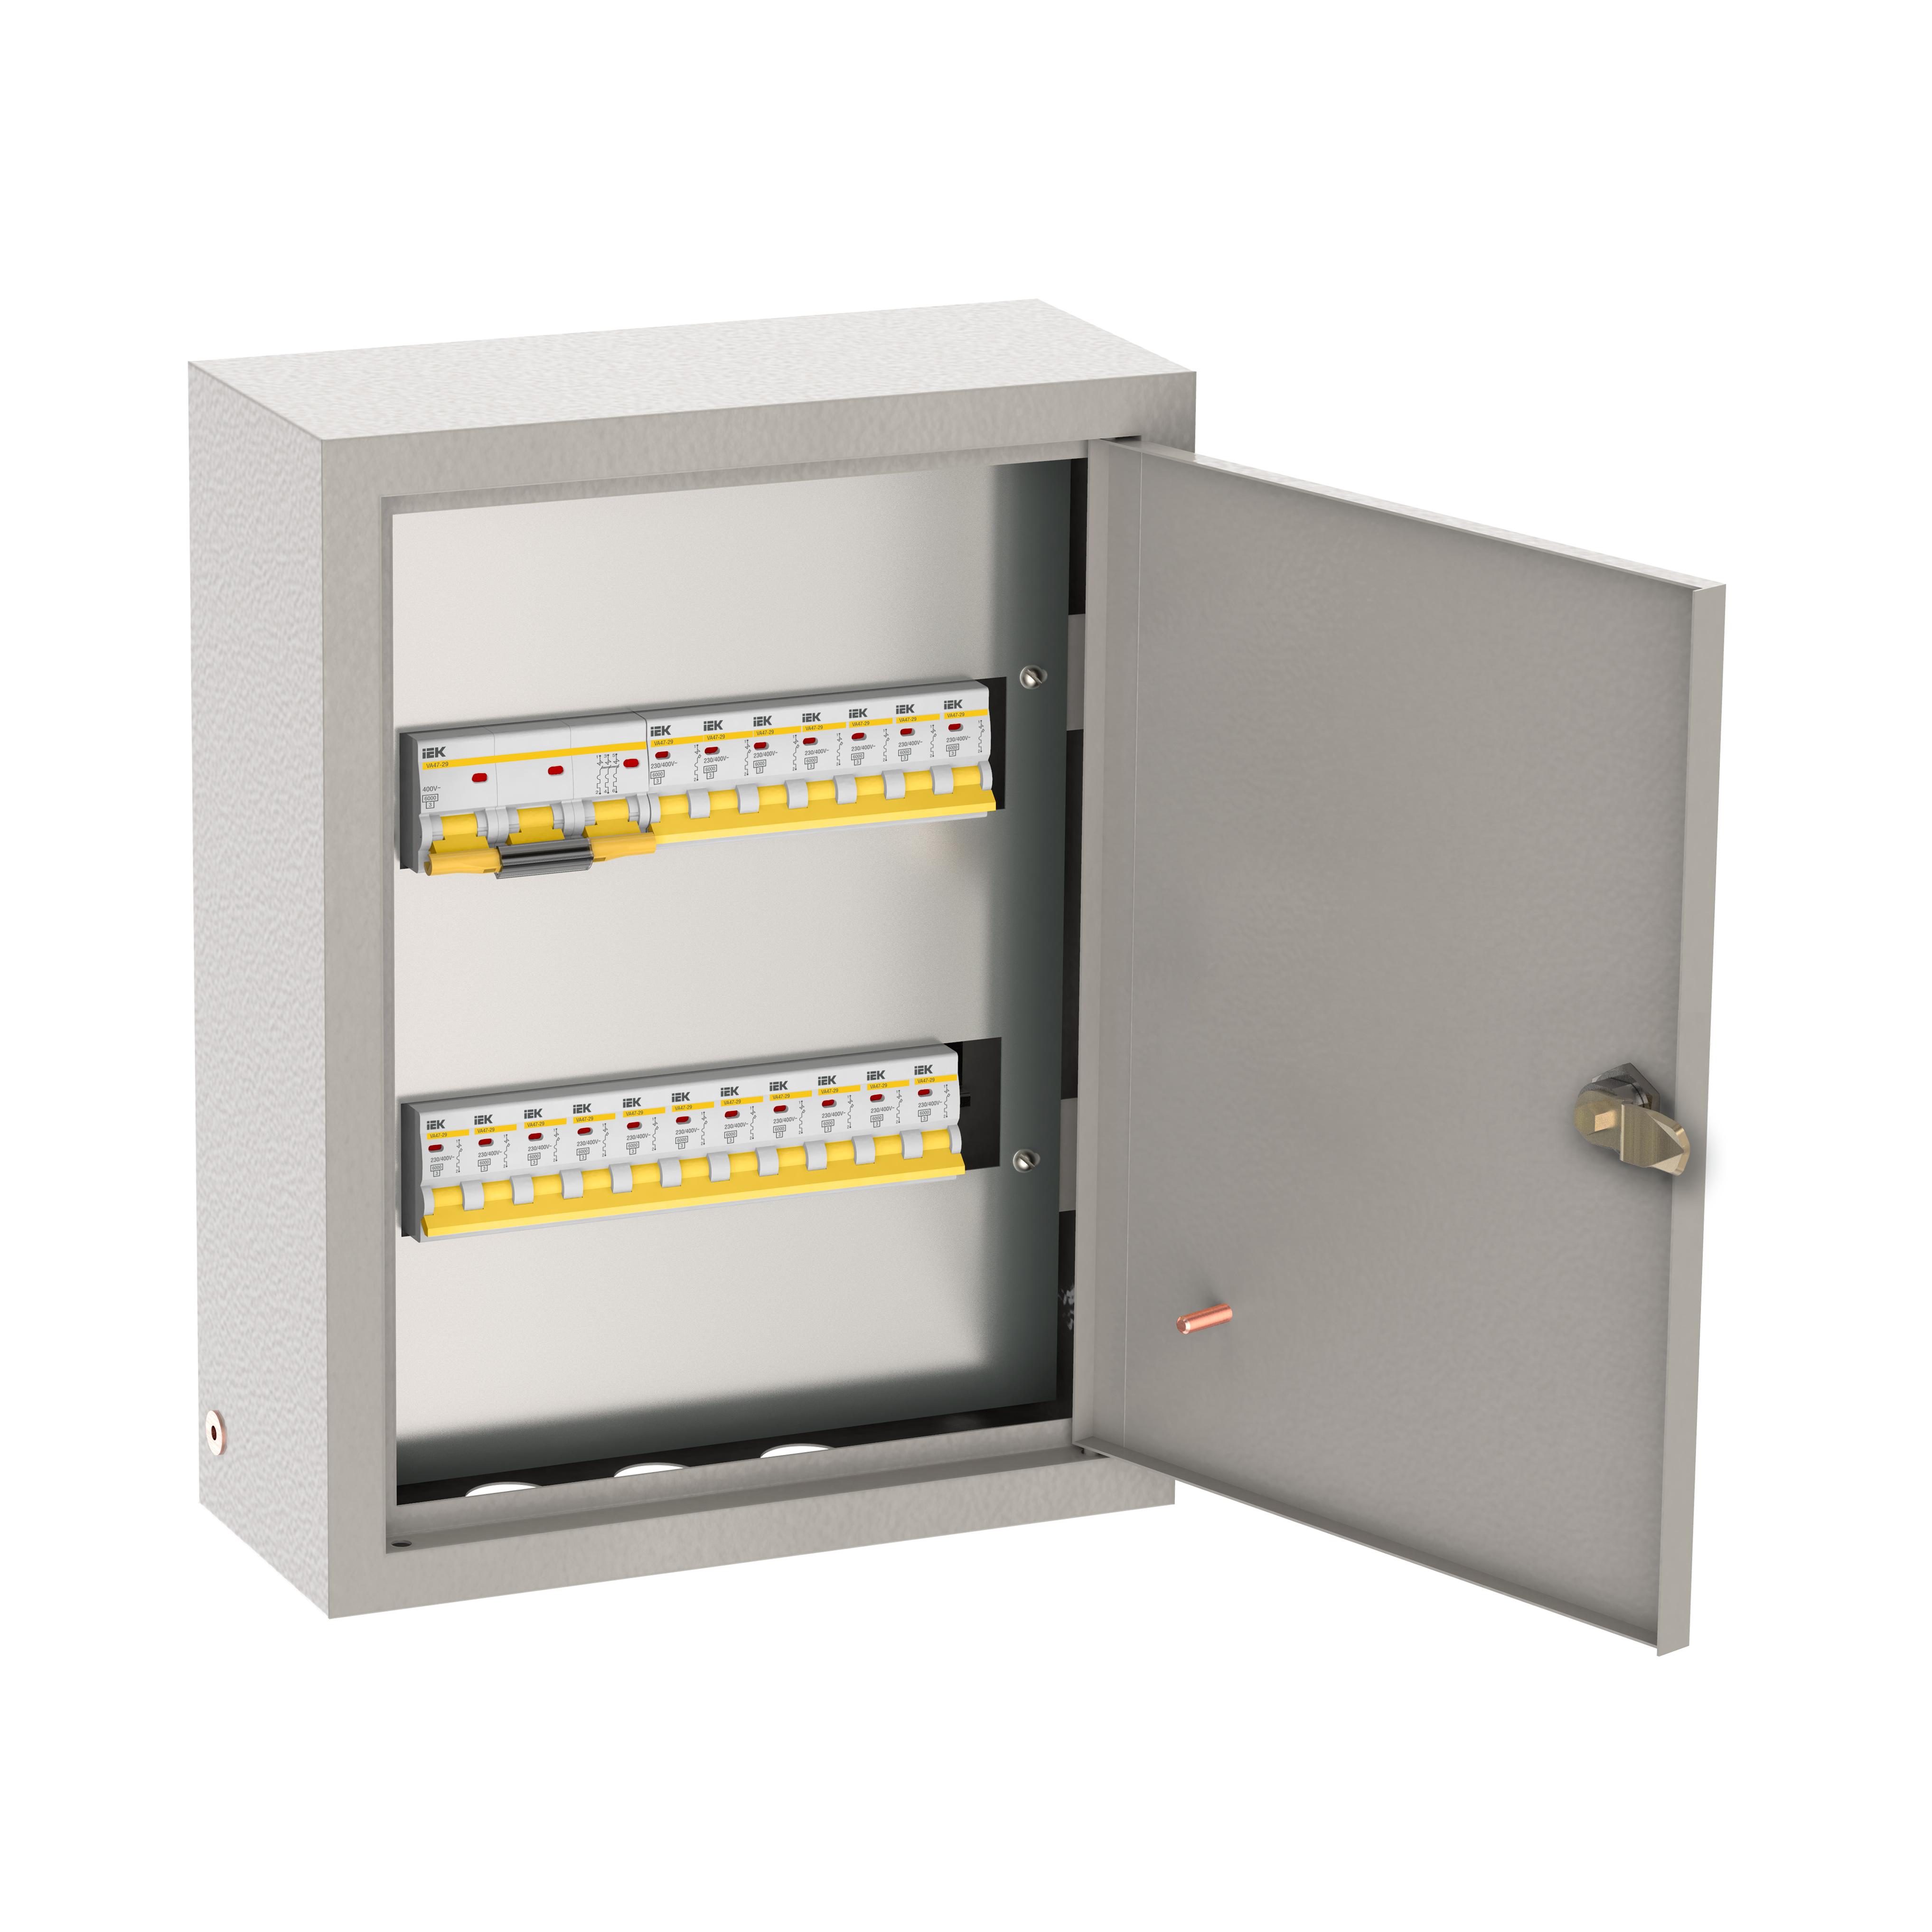 Щиток осветительный ОЩВ навесной с автоматическими выключателями 3p 1х100А 1p 12х16А IEK